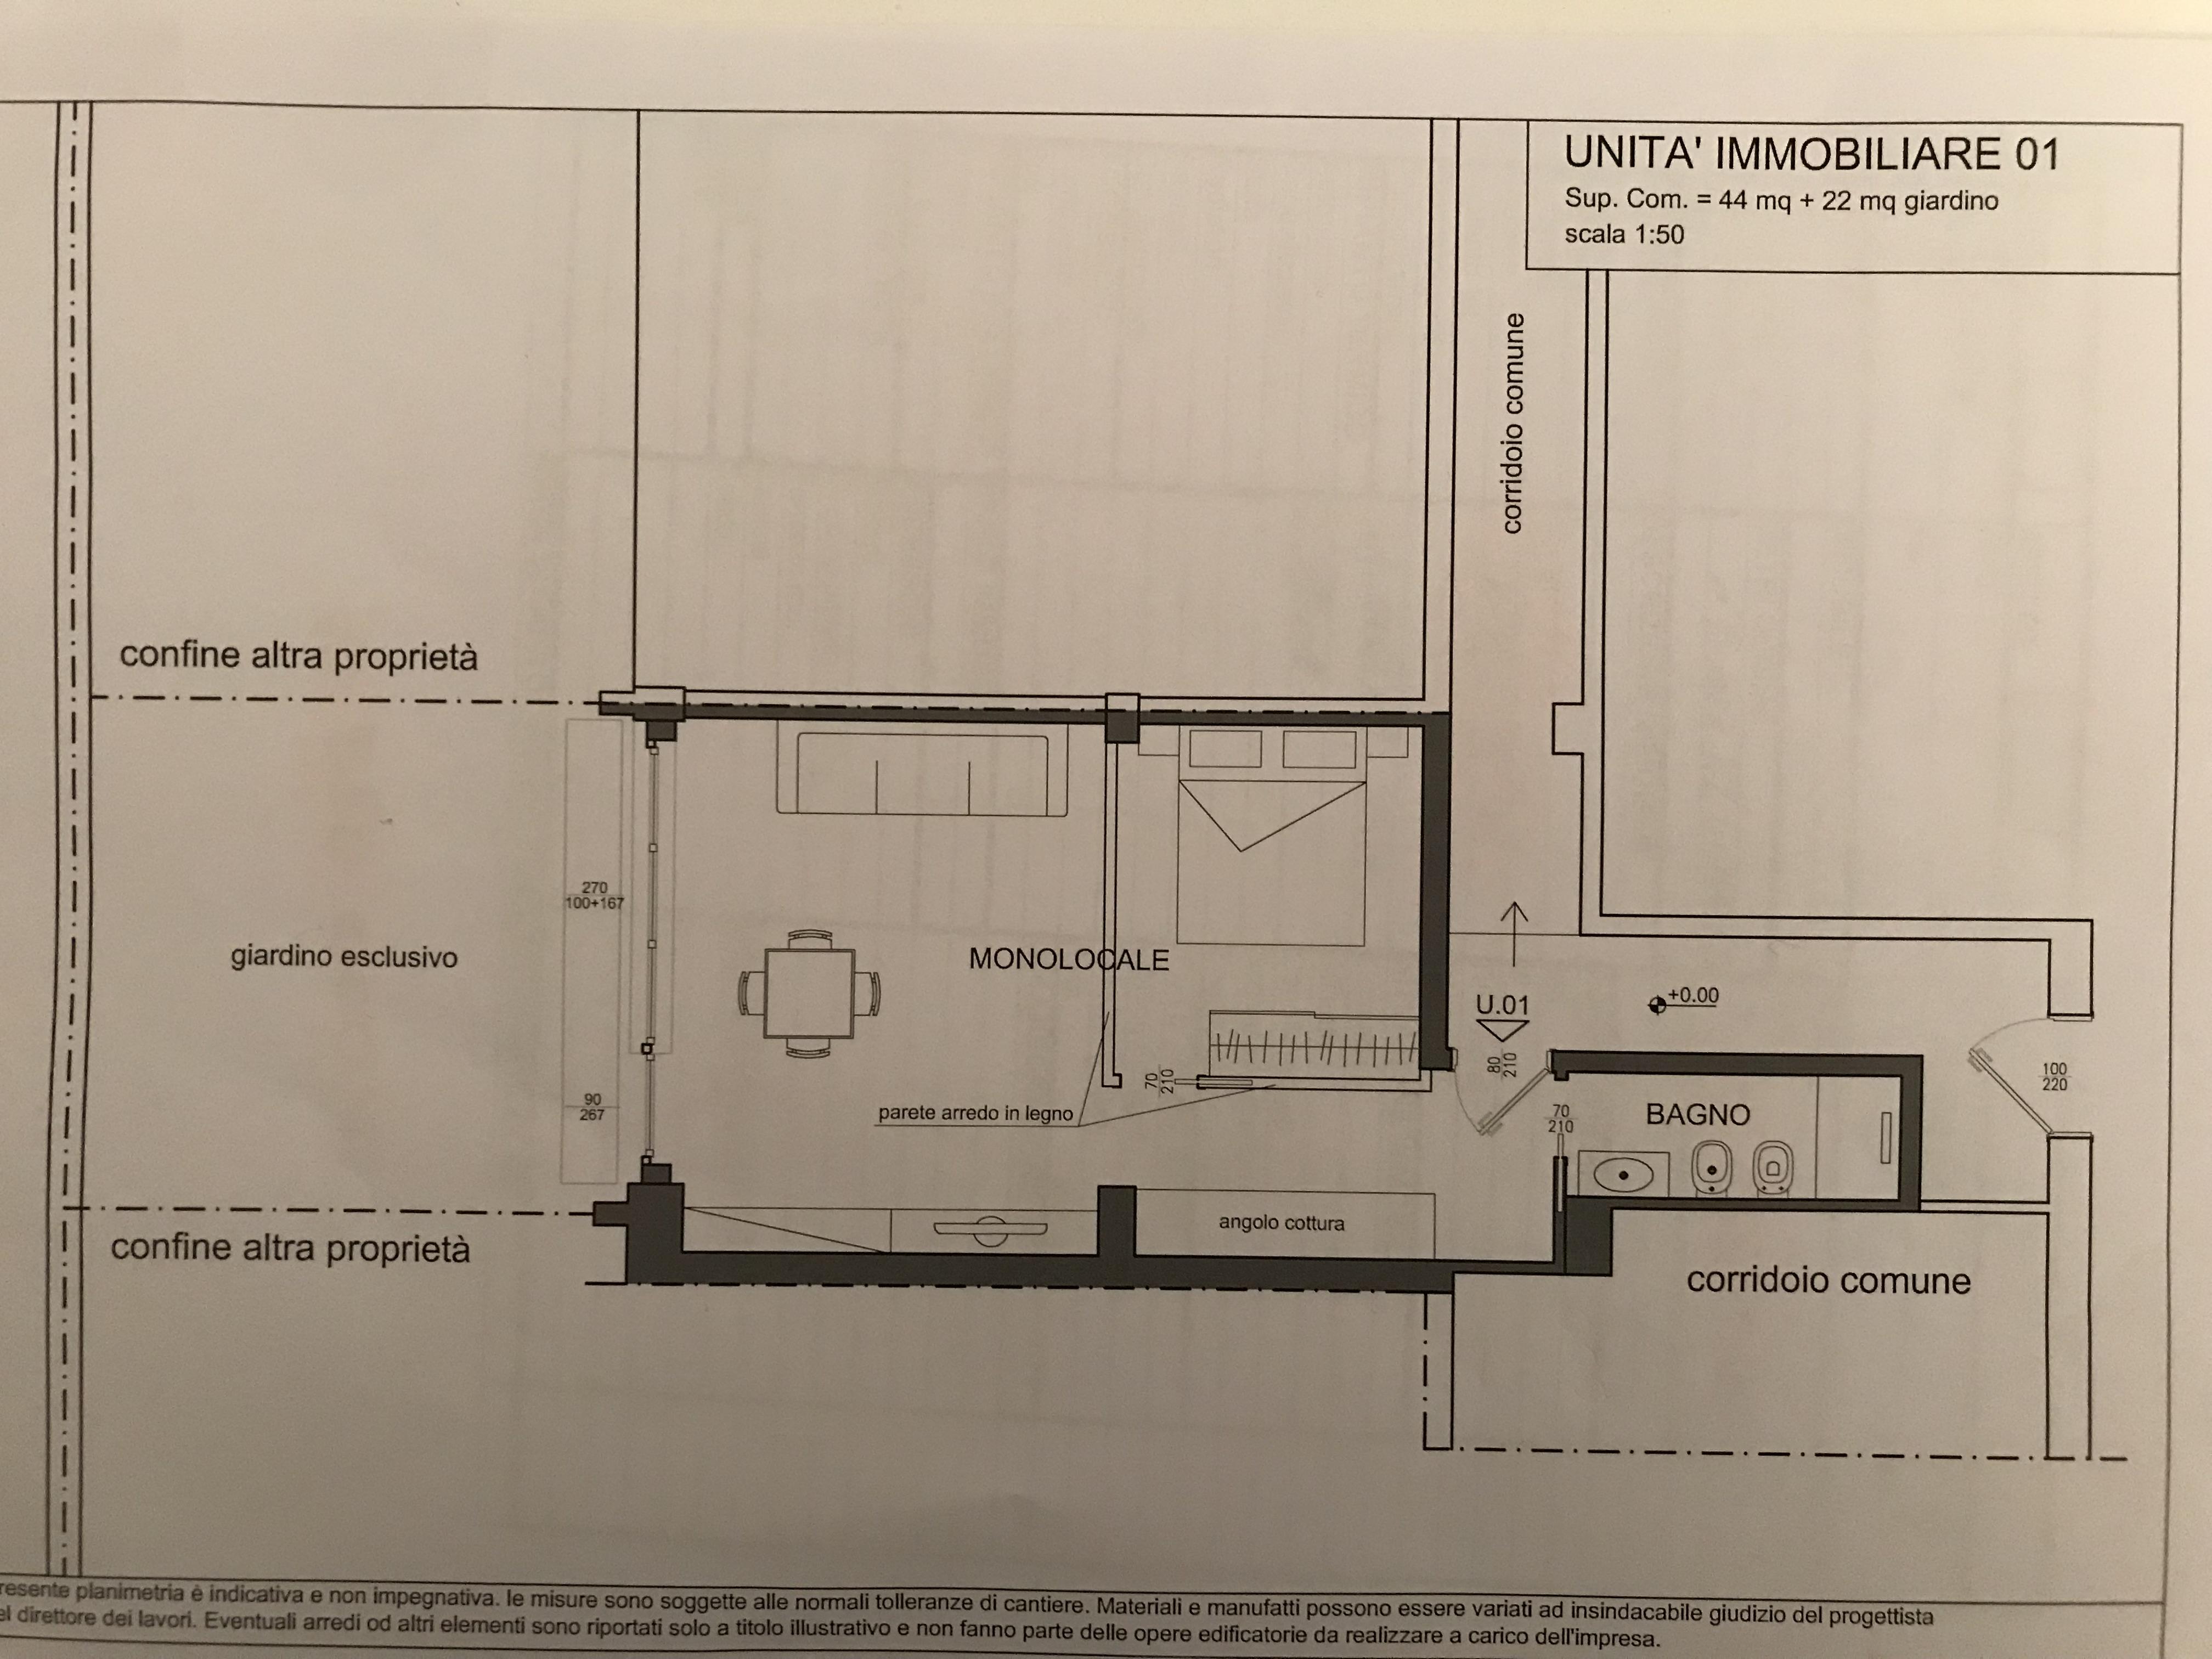 Via Dante 44 mq. + 22 giardino privato 230.000